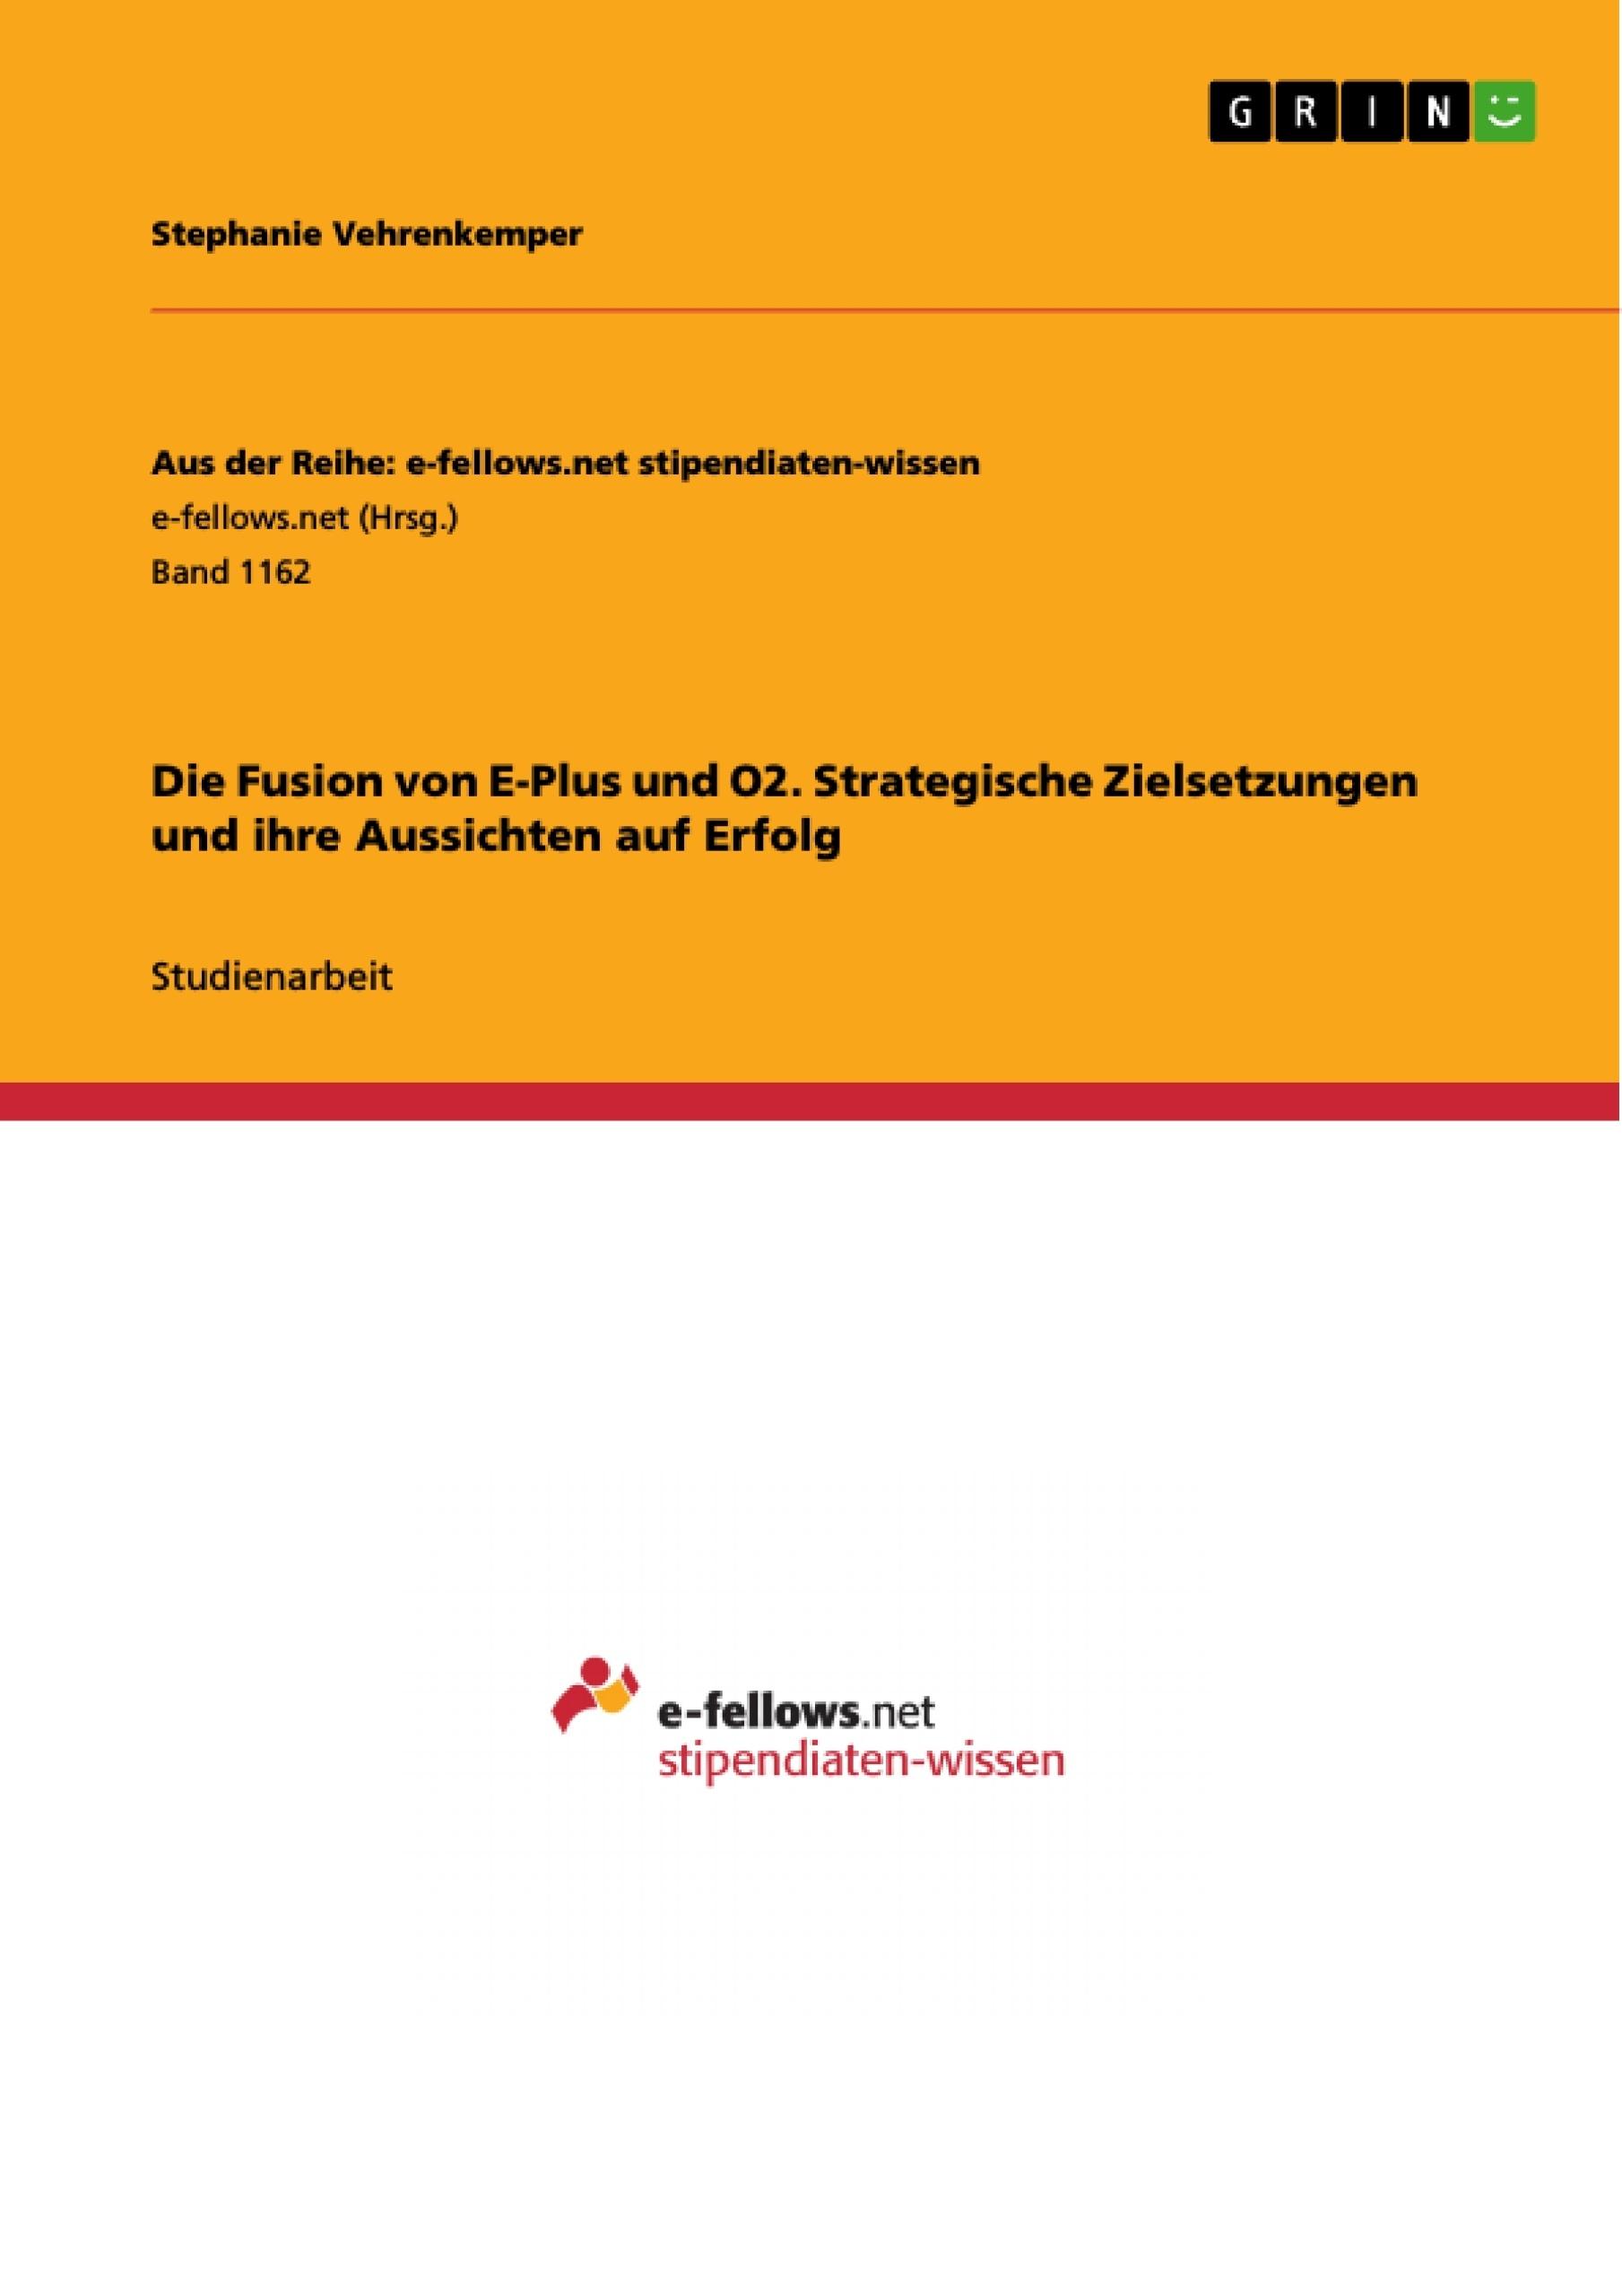 Titel: Die Fusion von E-Plus und O2. Strategische Zielsetzungen und ihre Aussichten auf Erfolg